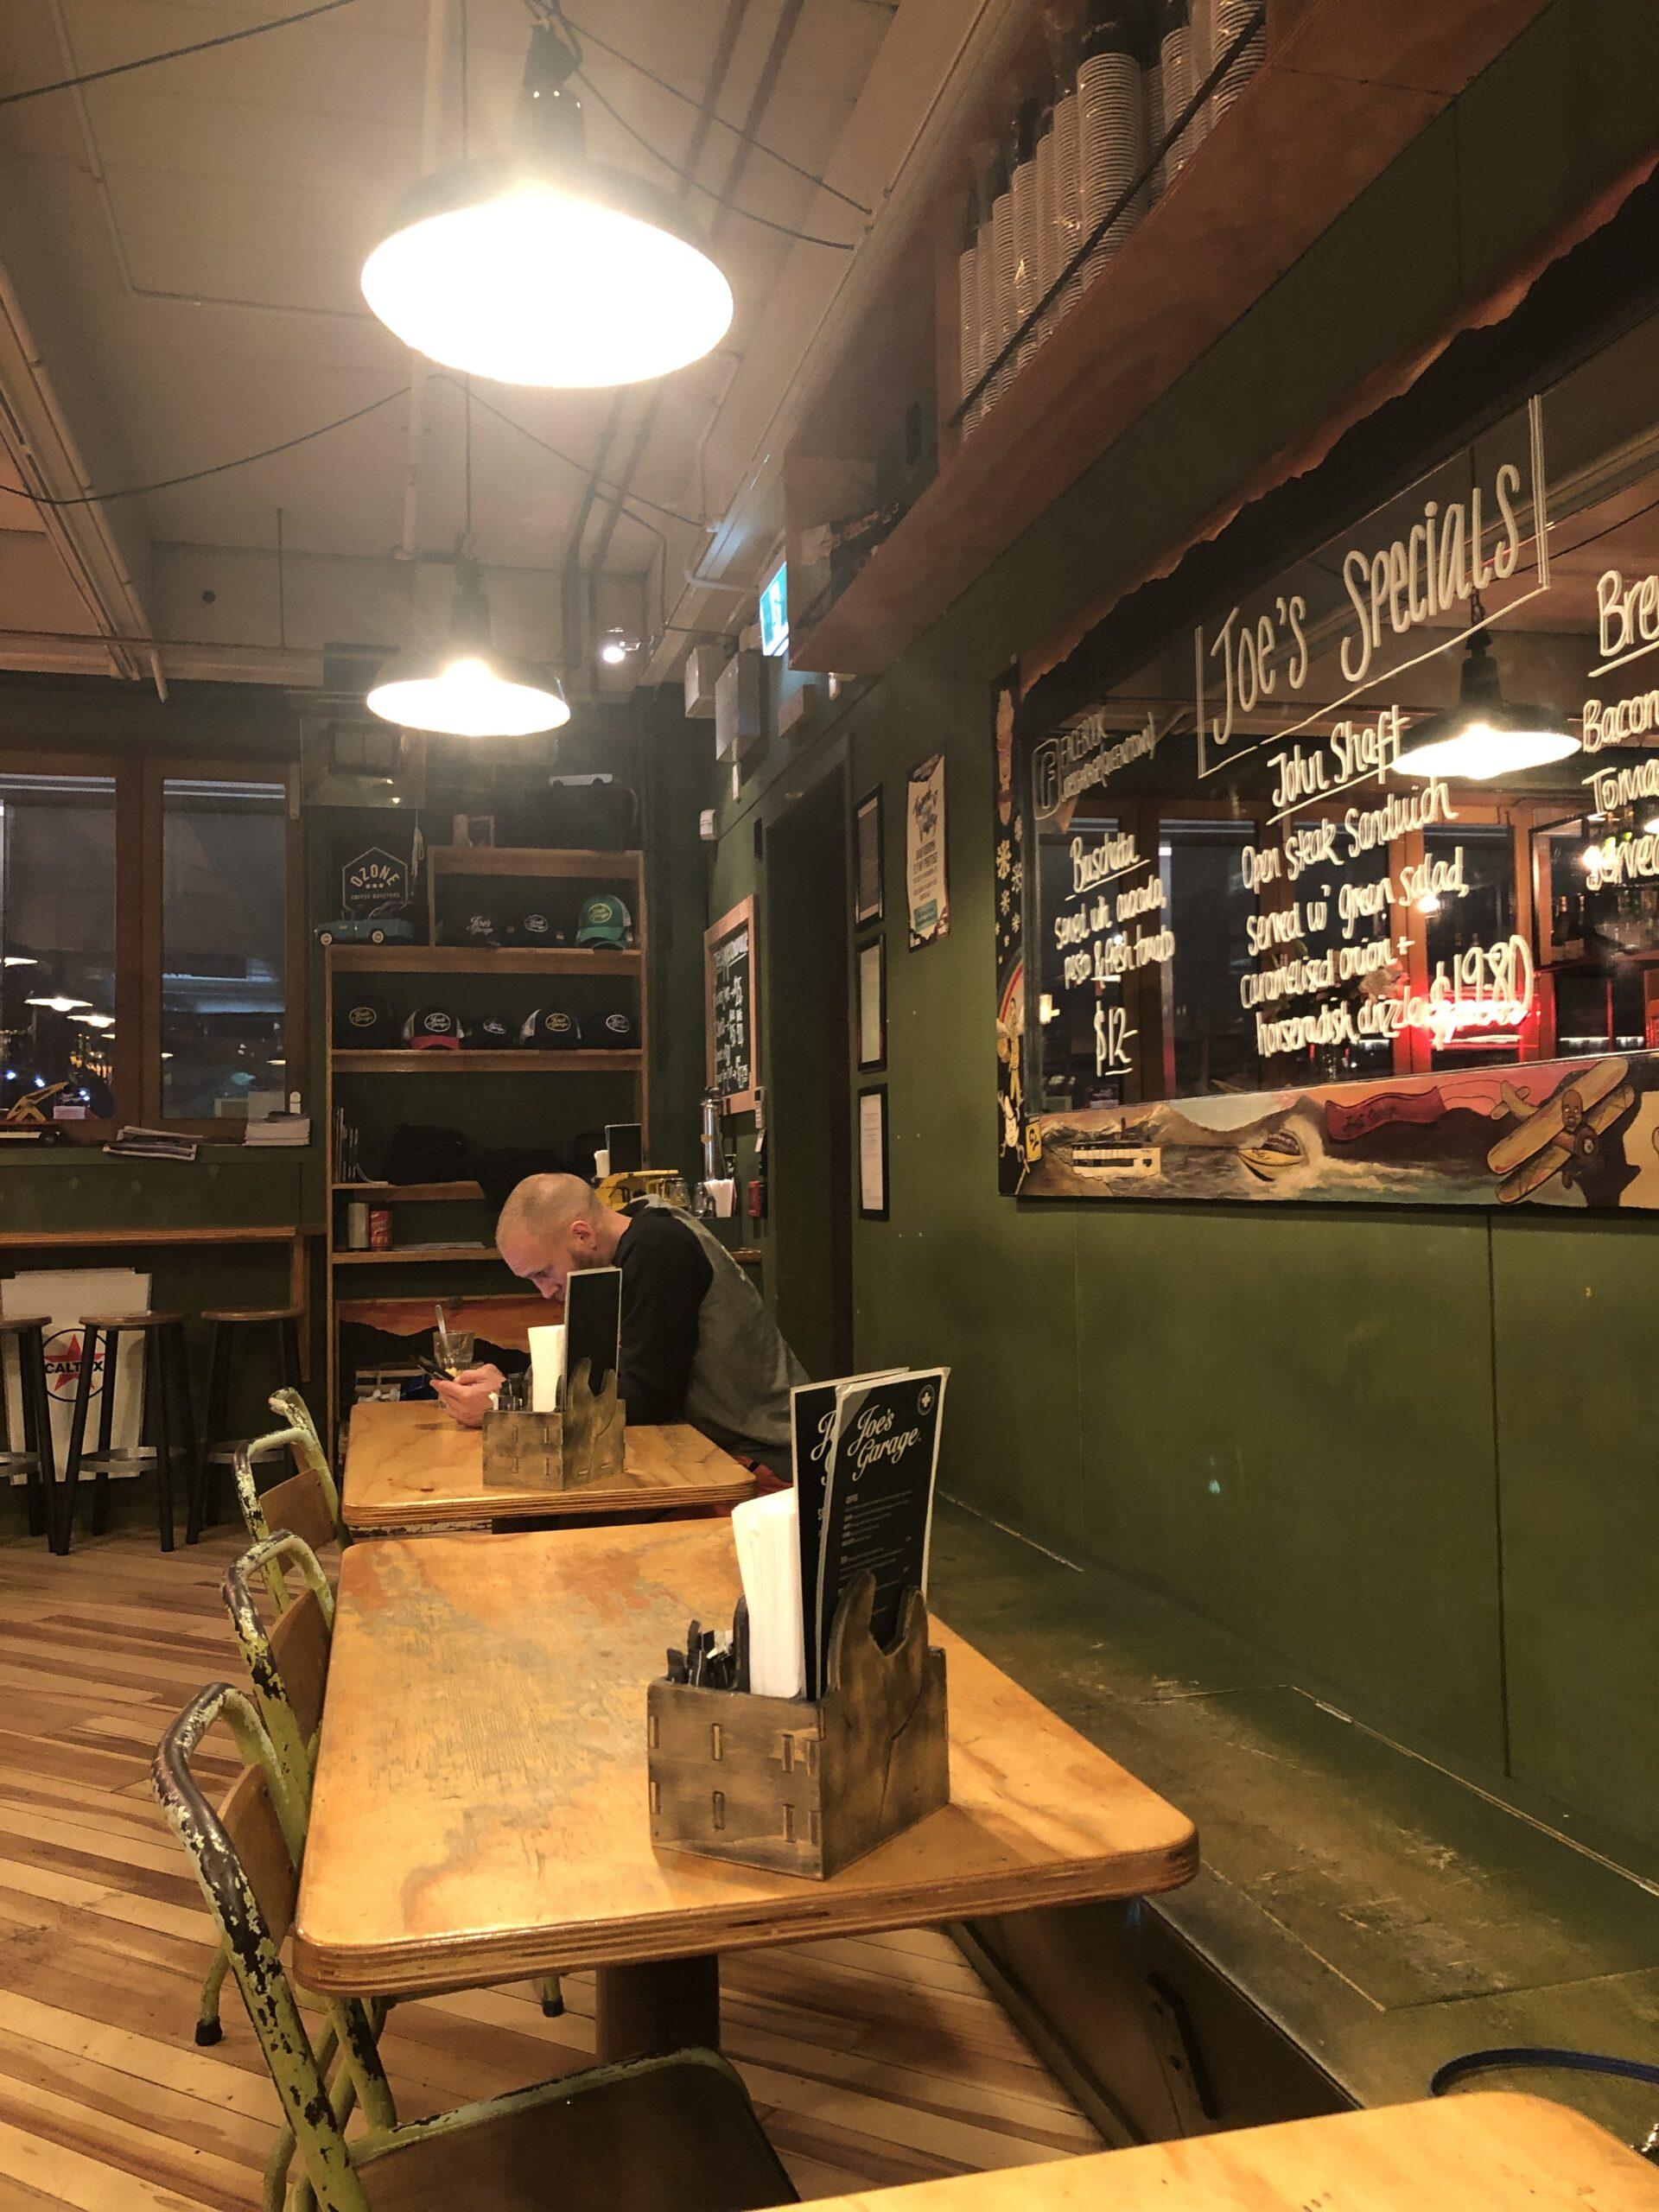 Joe's Garage Queenstown inside area